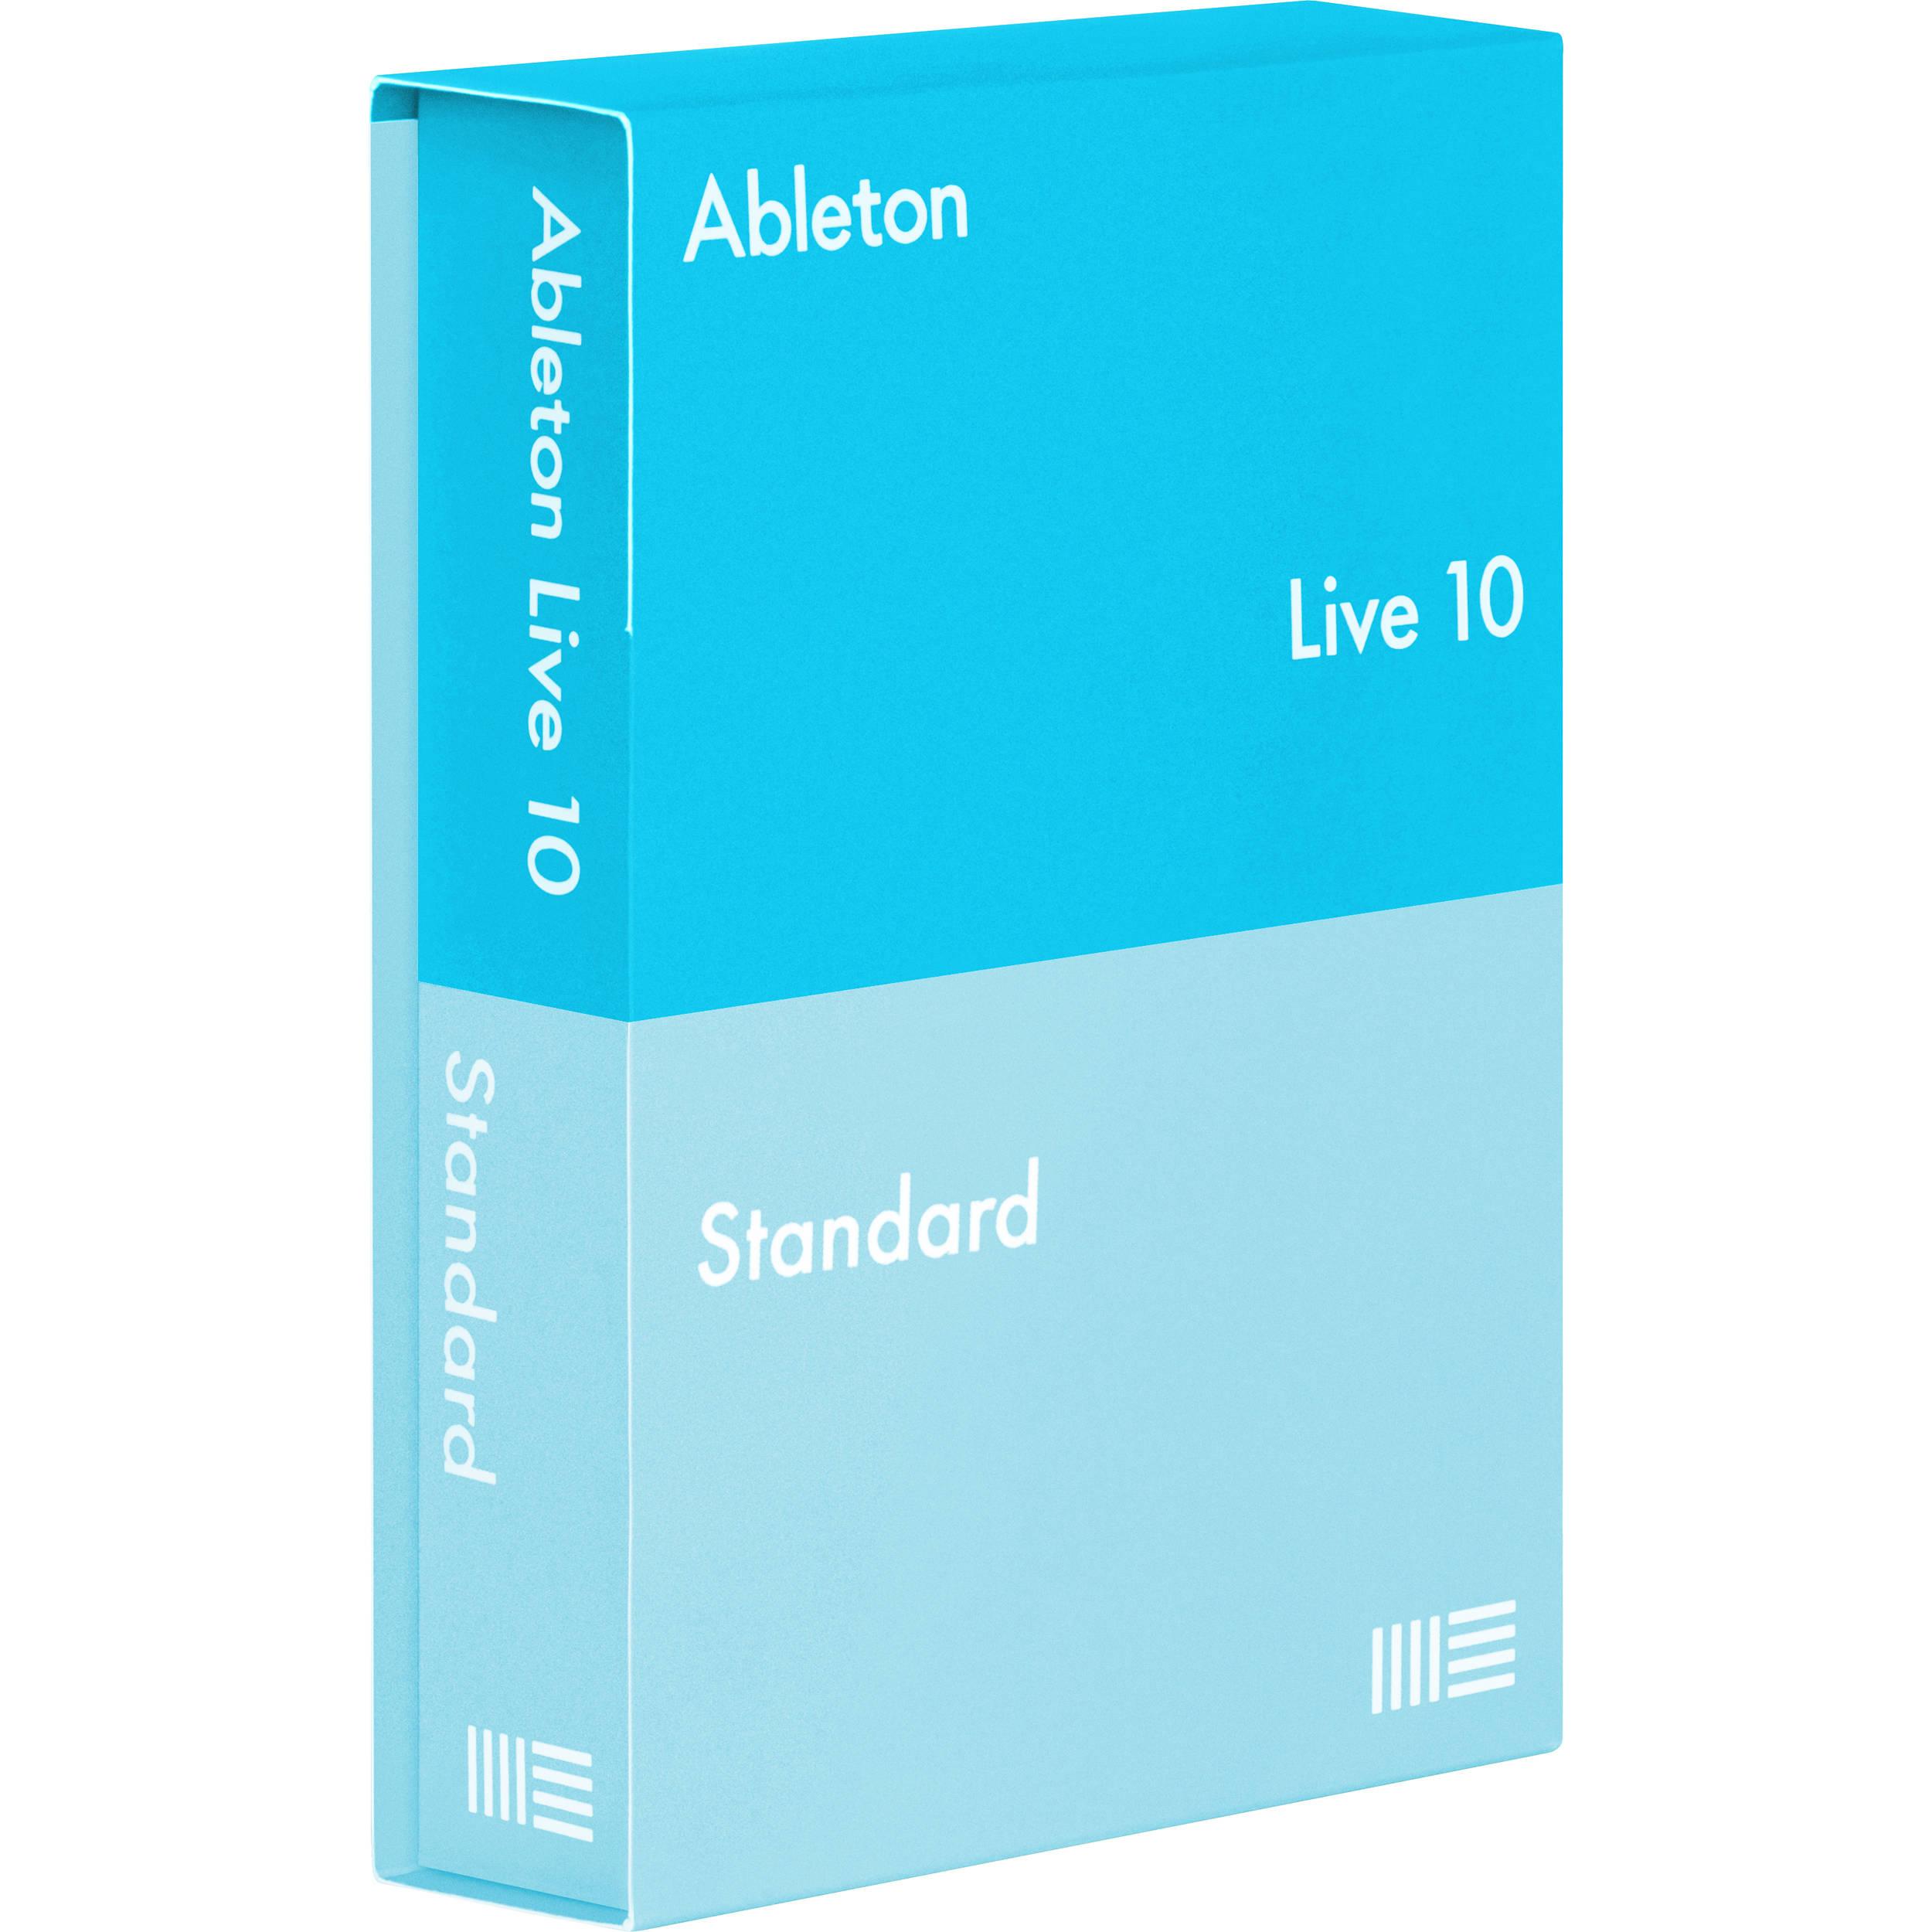 ableton live 10 1 standard upgrade music producti 88179 b h. Black Bedroom Furniture Sets. Home Design Ideas